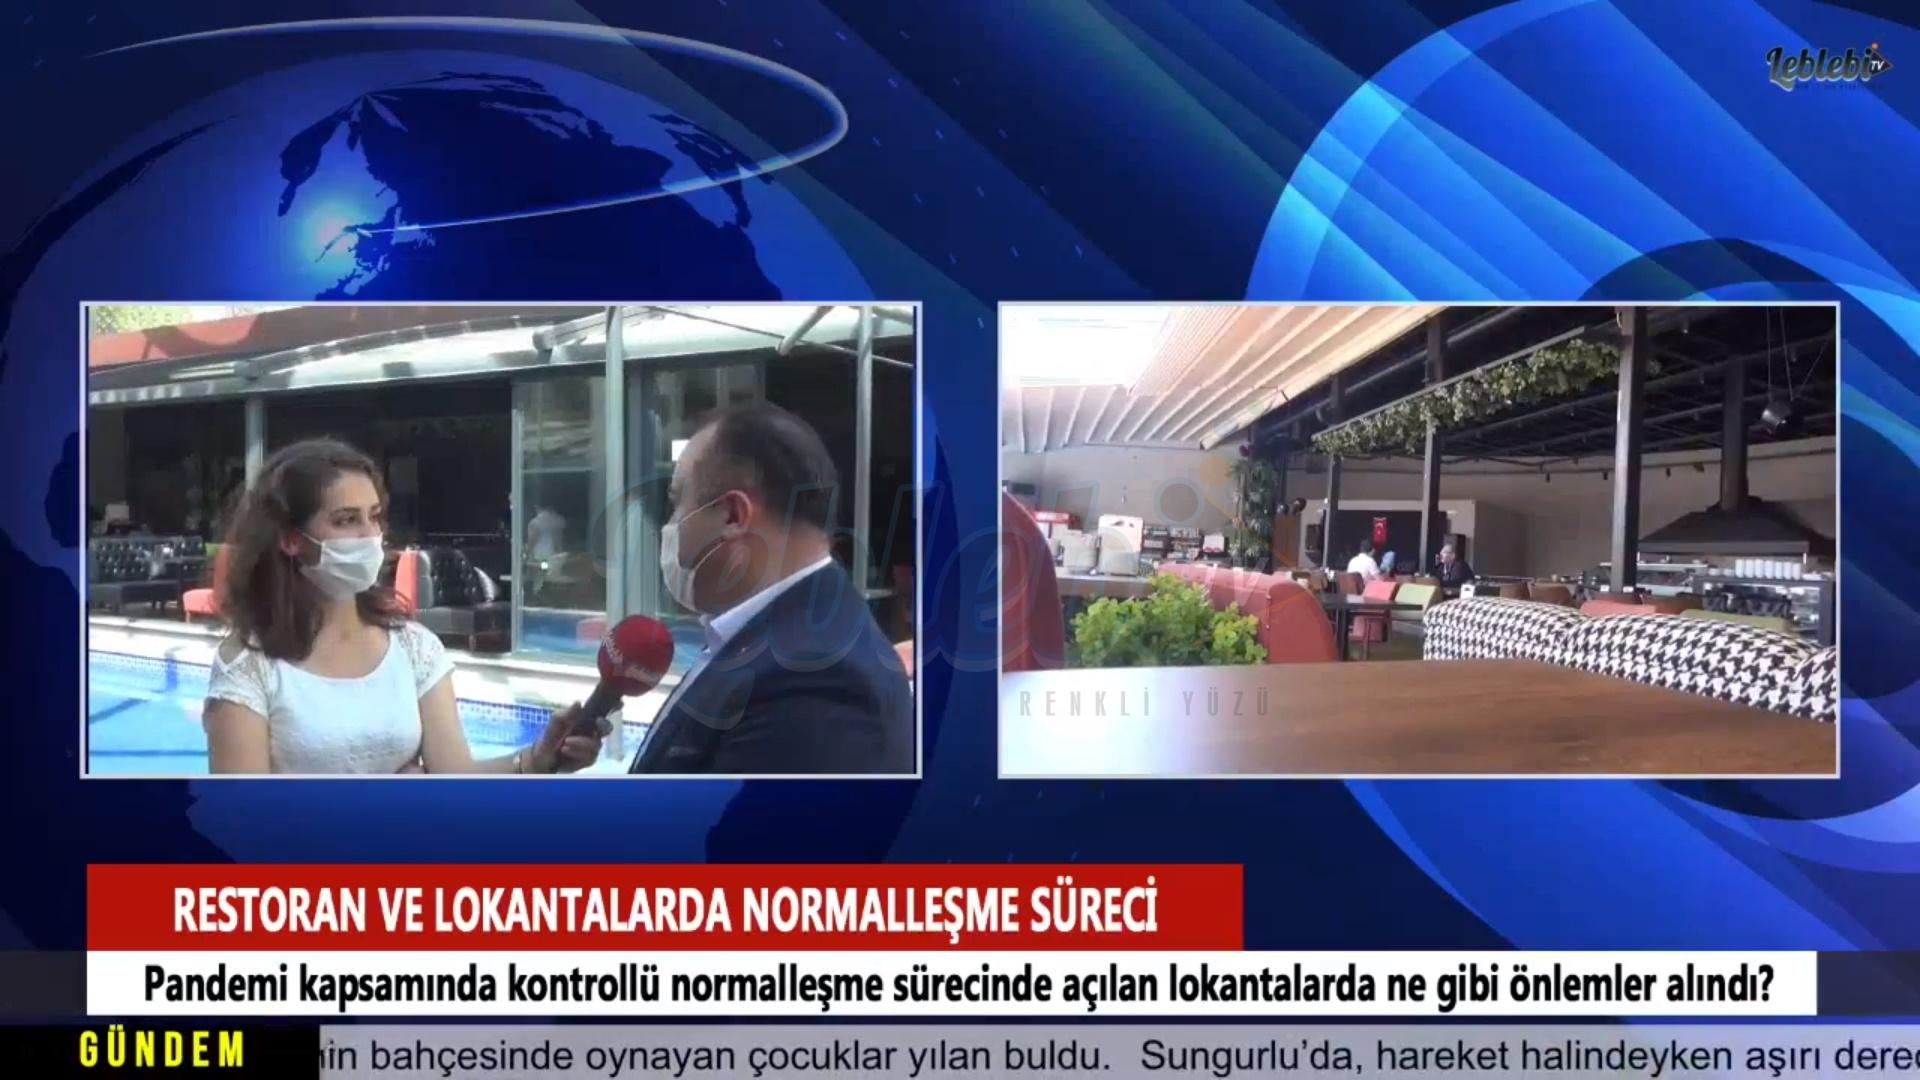 Lokanta ve Restoranlarda Koronavirüse Karşı Alınan Önlemler